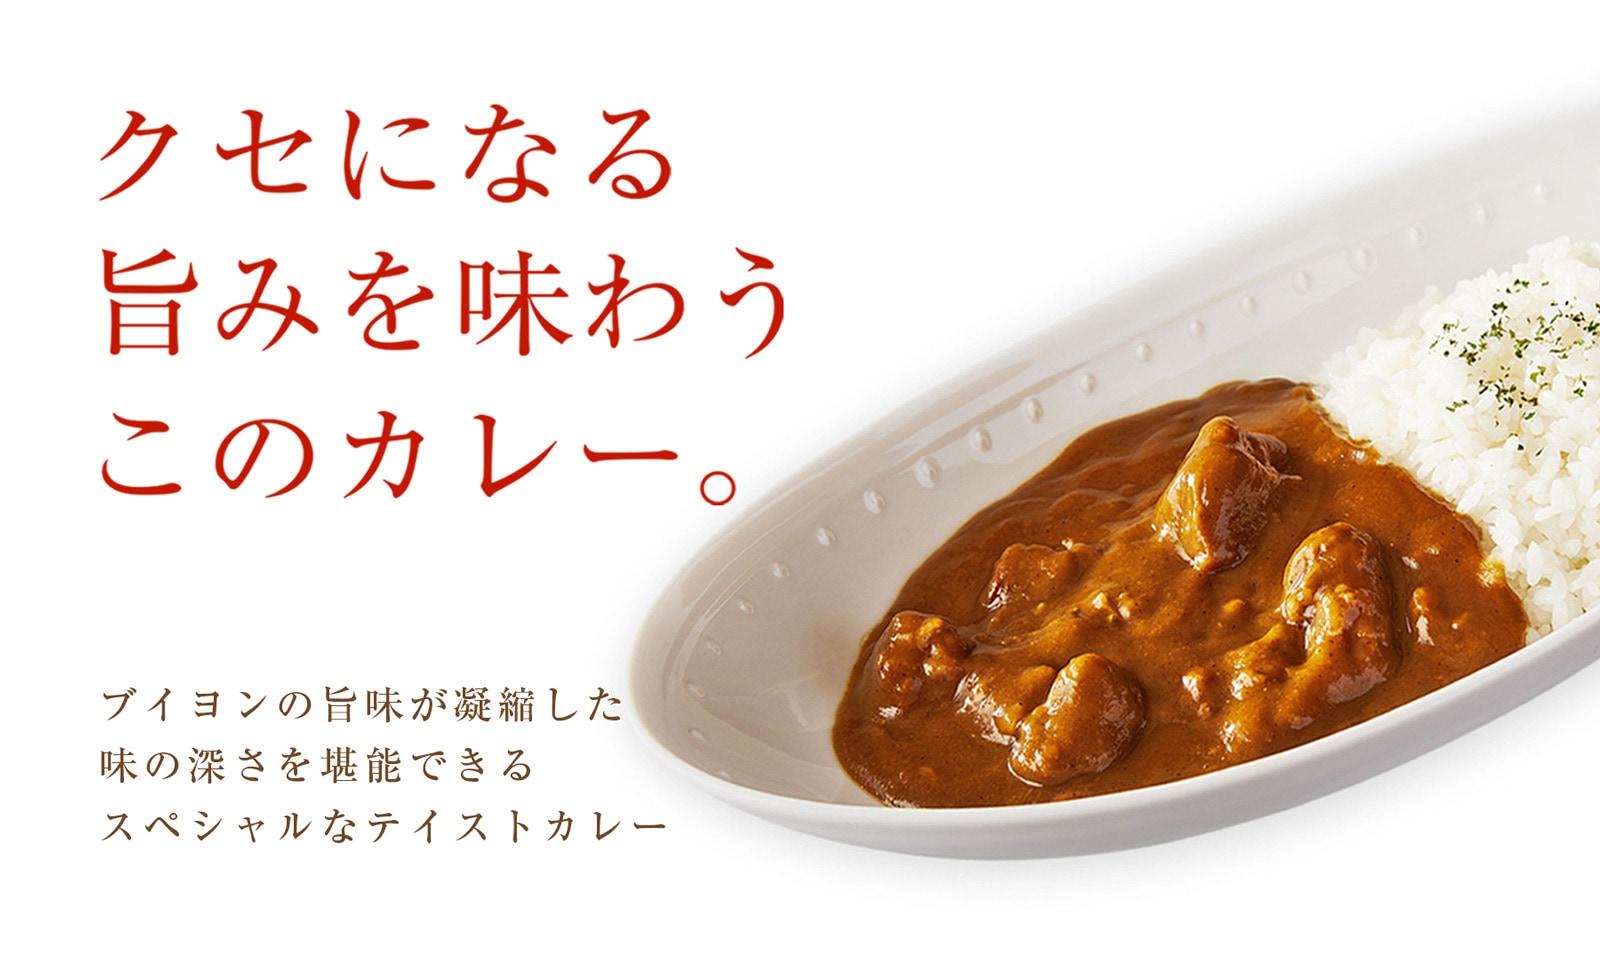 ブイヨンを味わうのがフライヤ流 特選牛昭和カレー